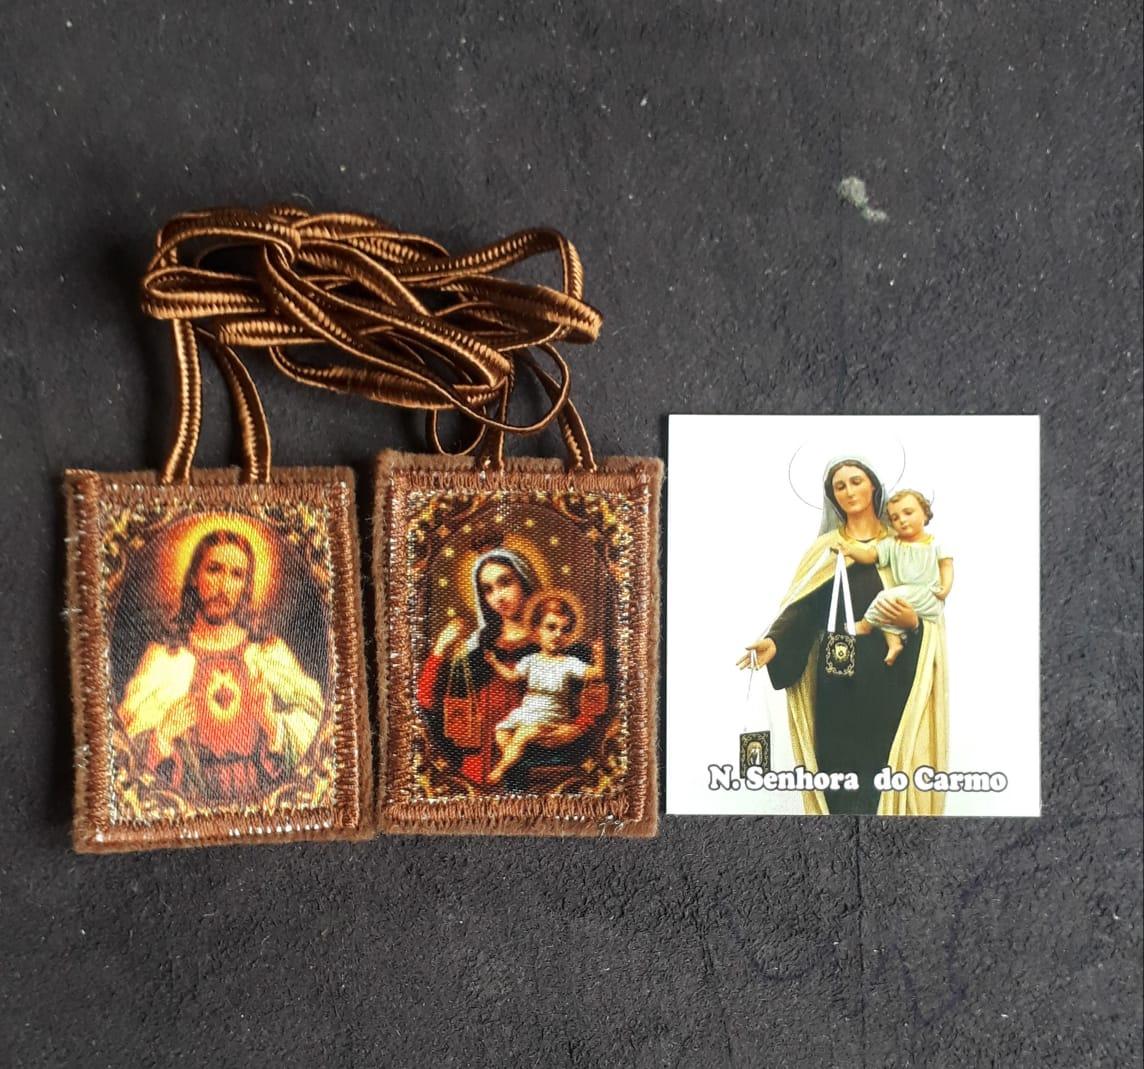 ES11 - Escapulário Pano 44mm c/ Oração  - VindVedShop - Distribuidora Catolica